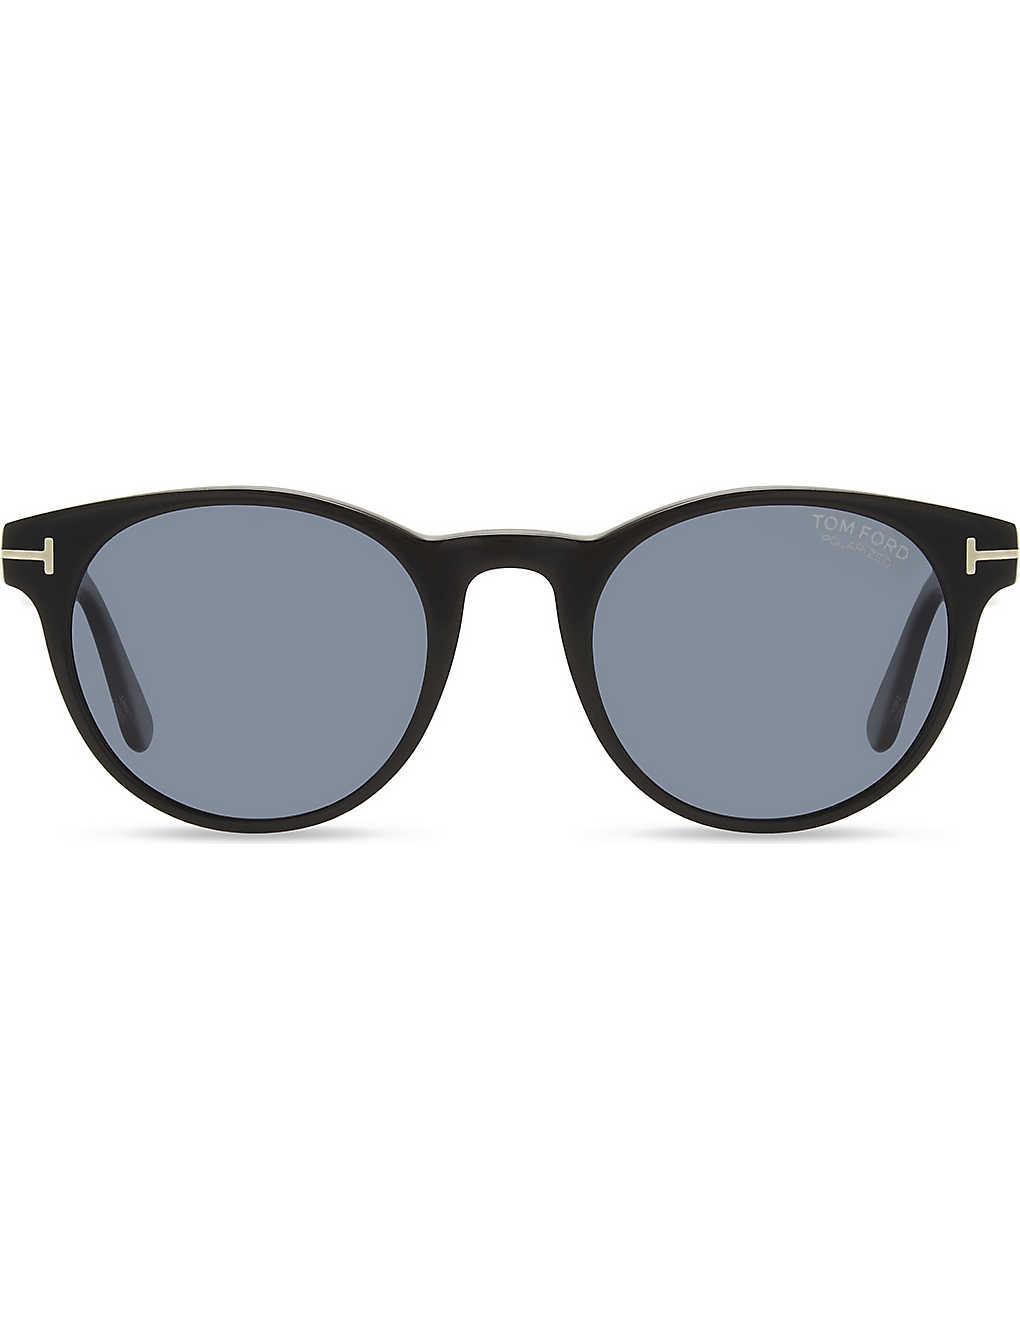 TOM FORD - Palmer TF522 round sunglasses  d5e31be021